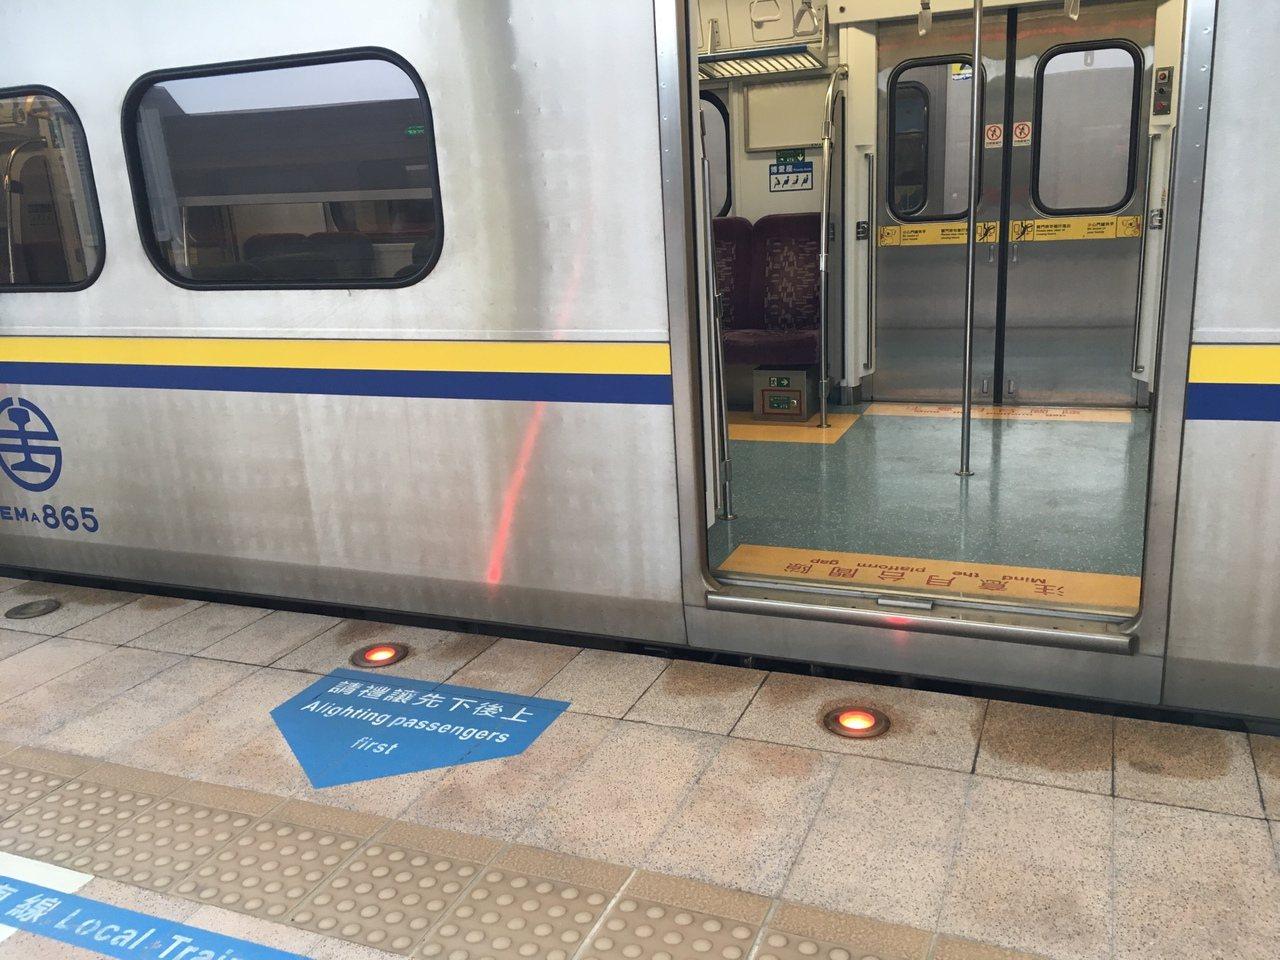 台鐵區間車雖有畫設排隊線,但多數列車都對不準,形同虛設。記者吳姿賢/攝影